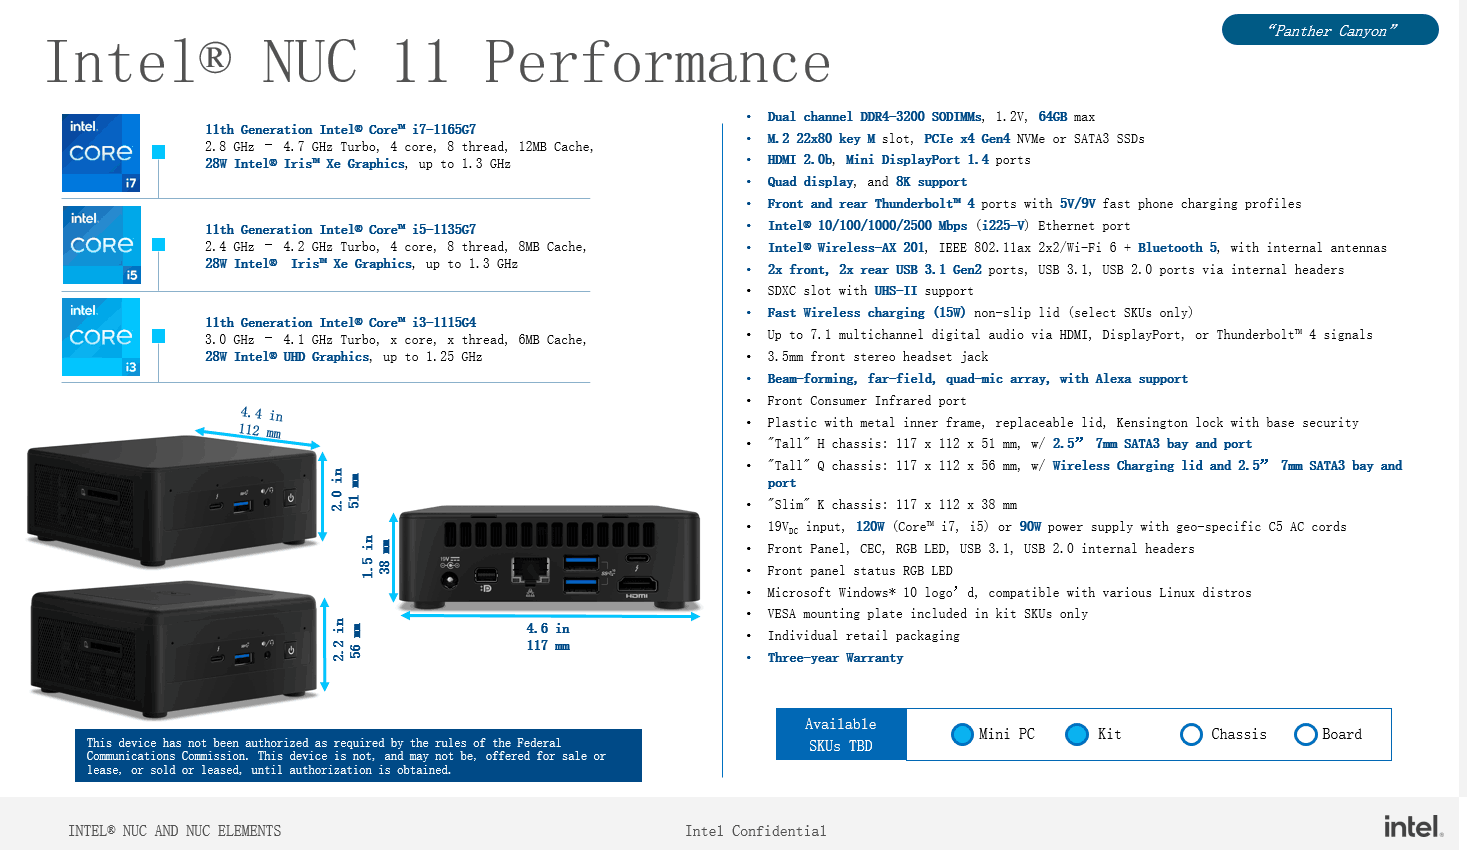 Intel готовит компактные системы NUC 11 Performance на процессорах Tiger Lake